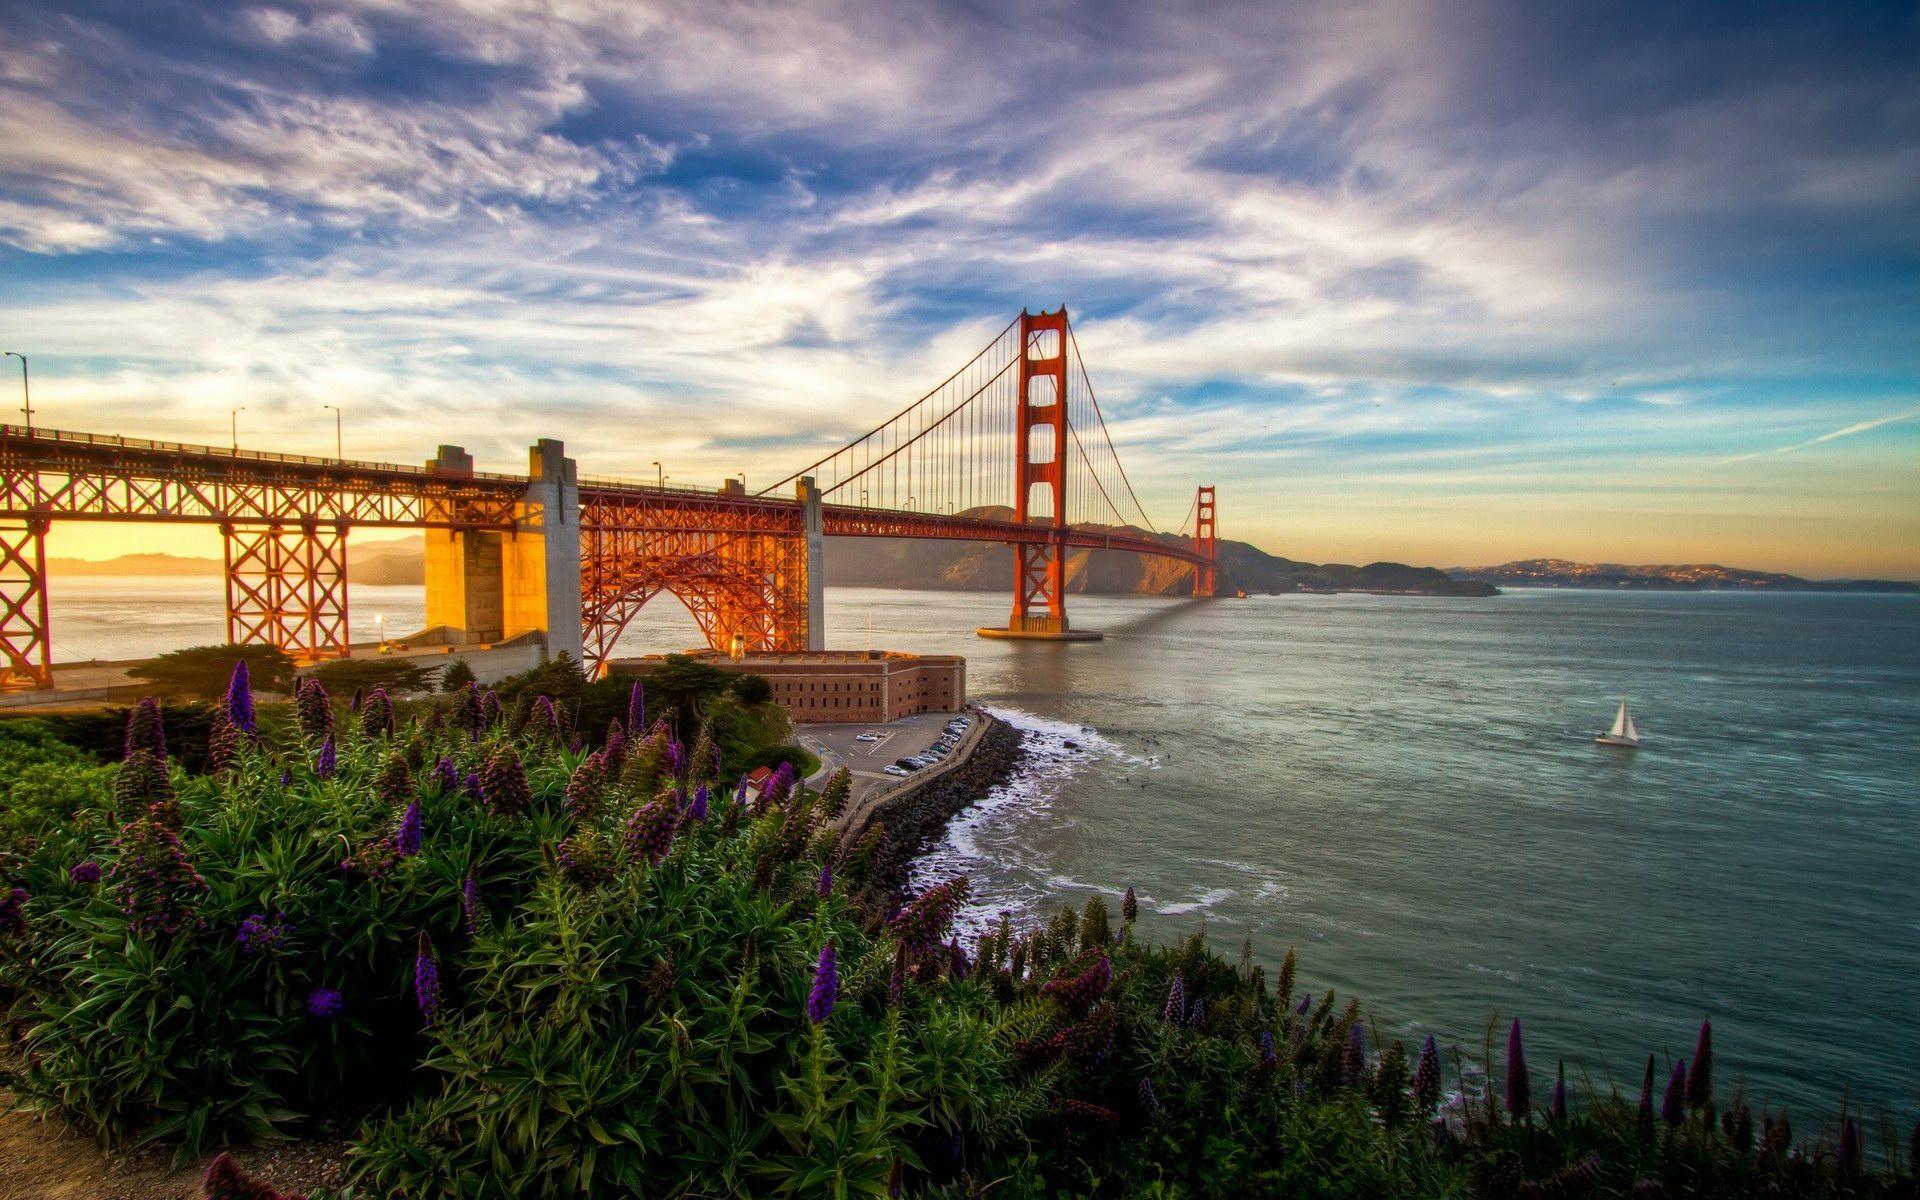 California Wallpaper HD Background Desktop Download iPhones 1920x1200